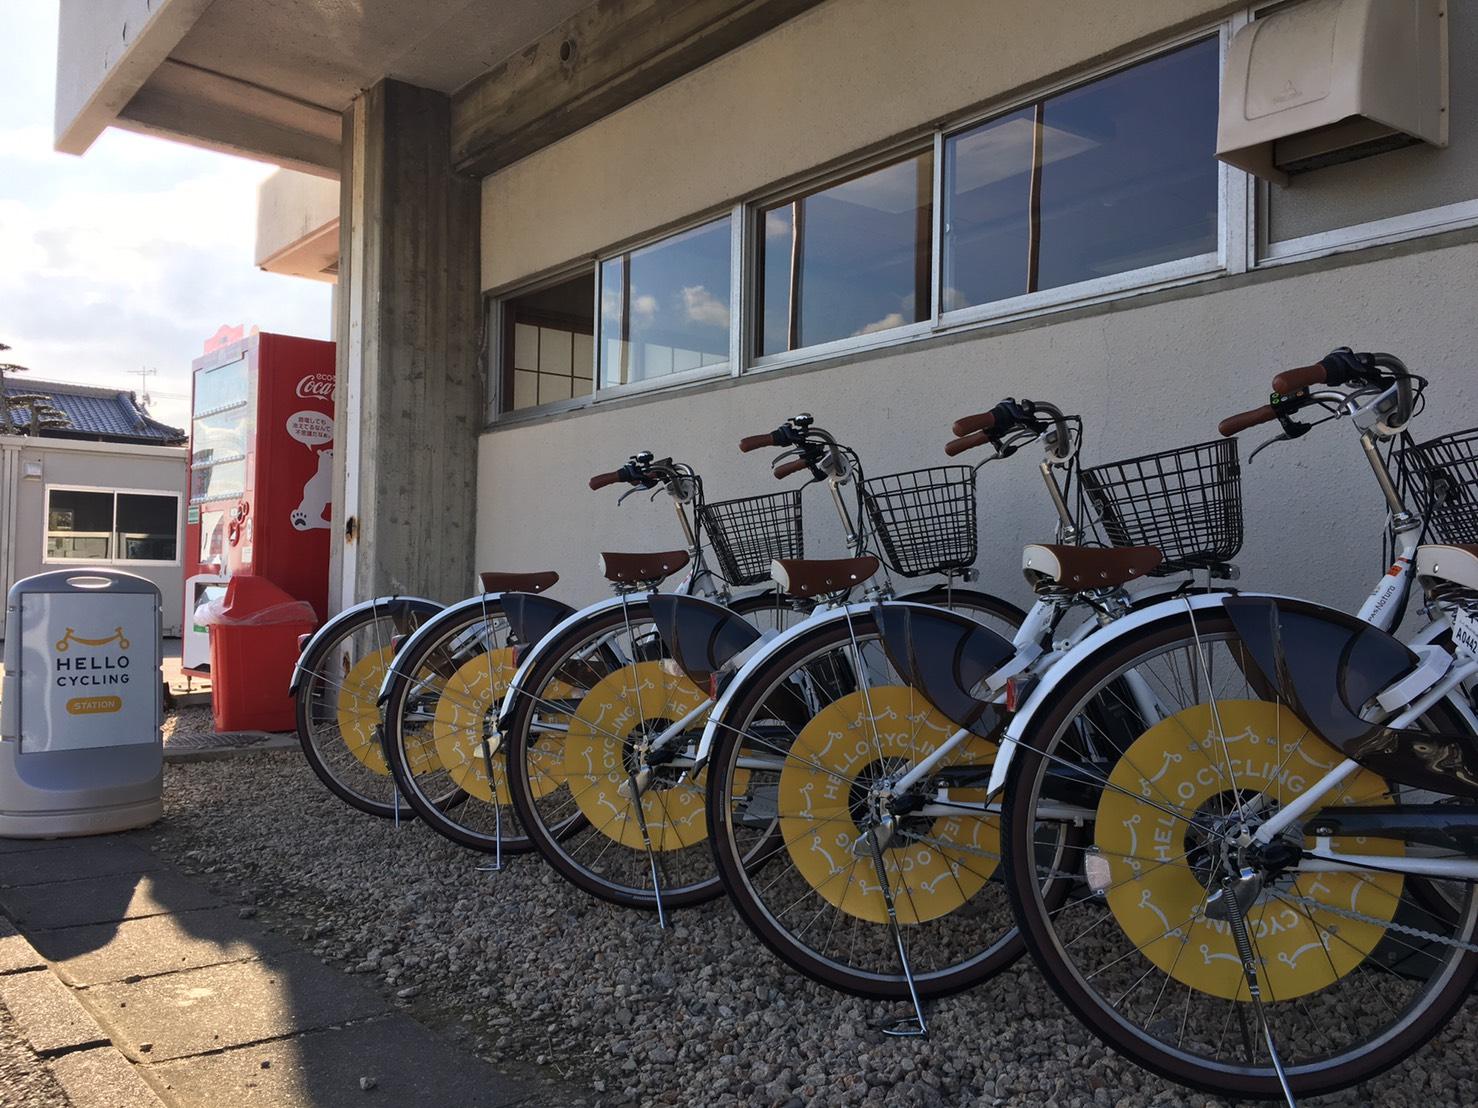 小豆島土庄町役場 (HELLO CYCLING ポート) image